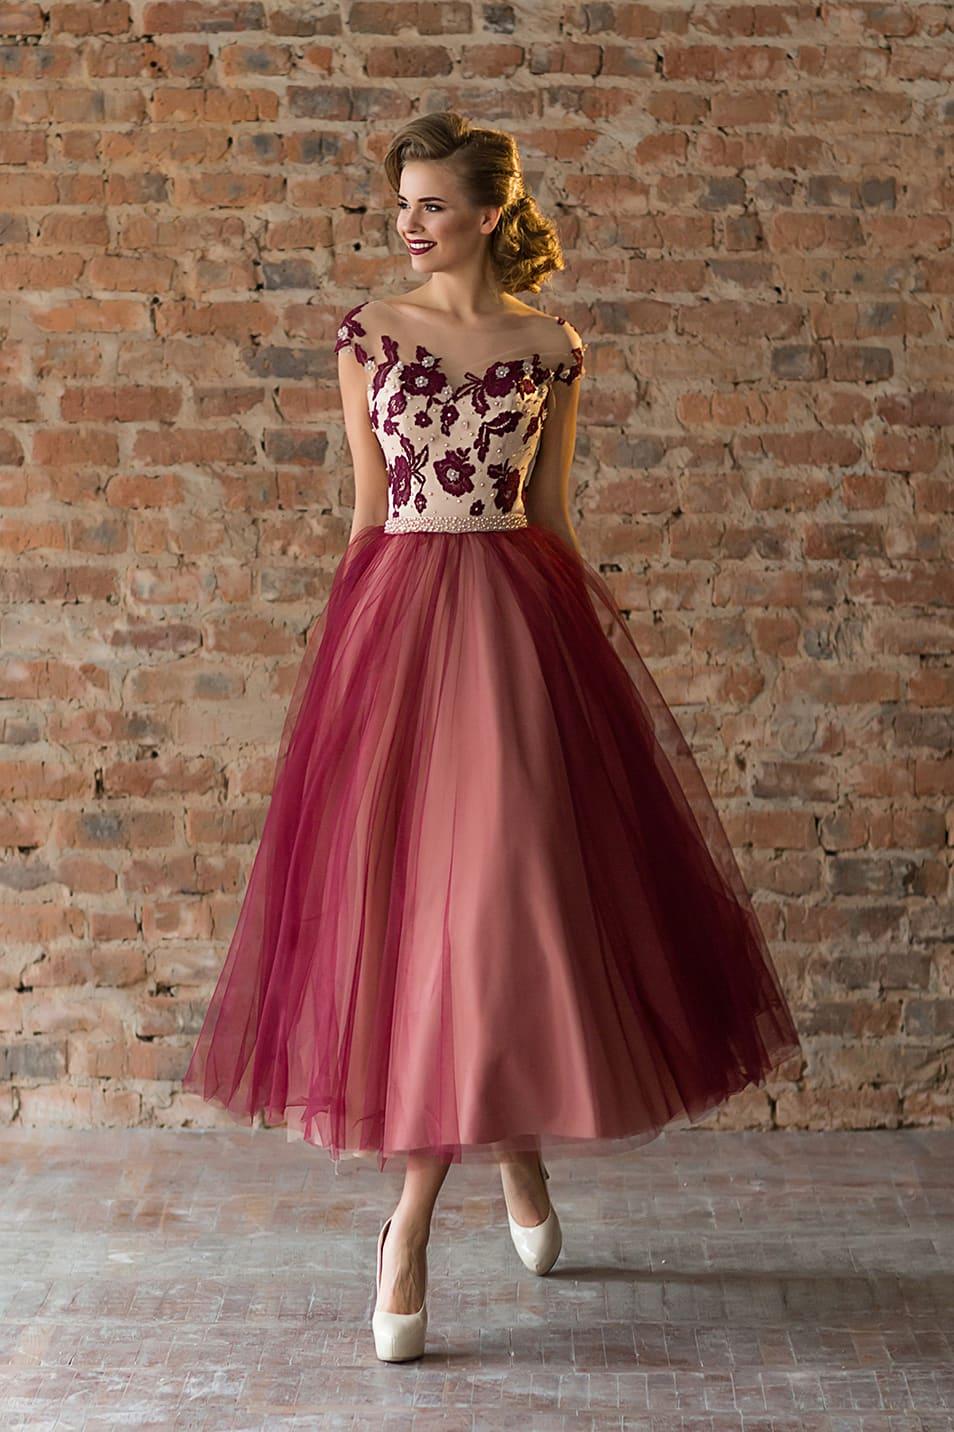 ccb57cd847c Короткое платье на выпускной Valentina Gladun Kerry ▷ Свадебный ...